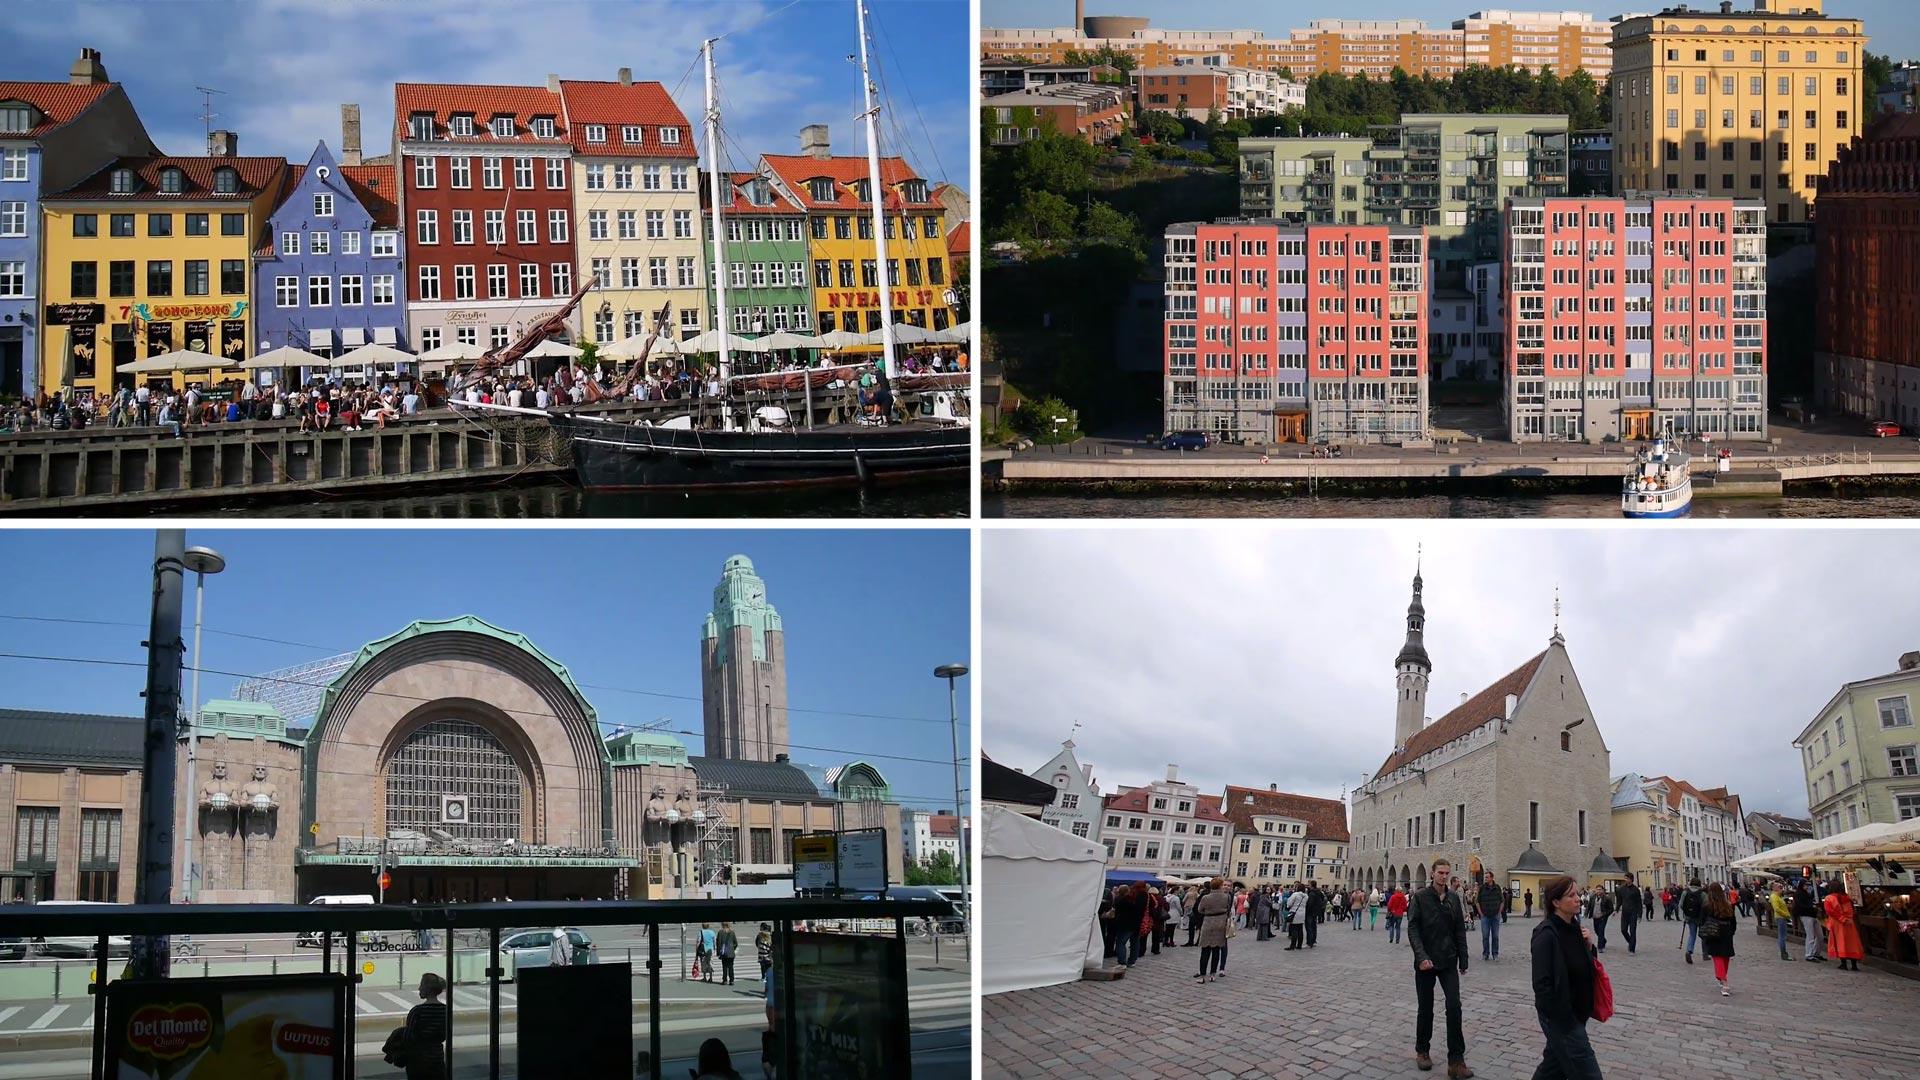 Видео: Копенгаген, Стокгольм, Хельсинки, Таллин и др.